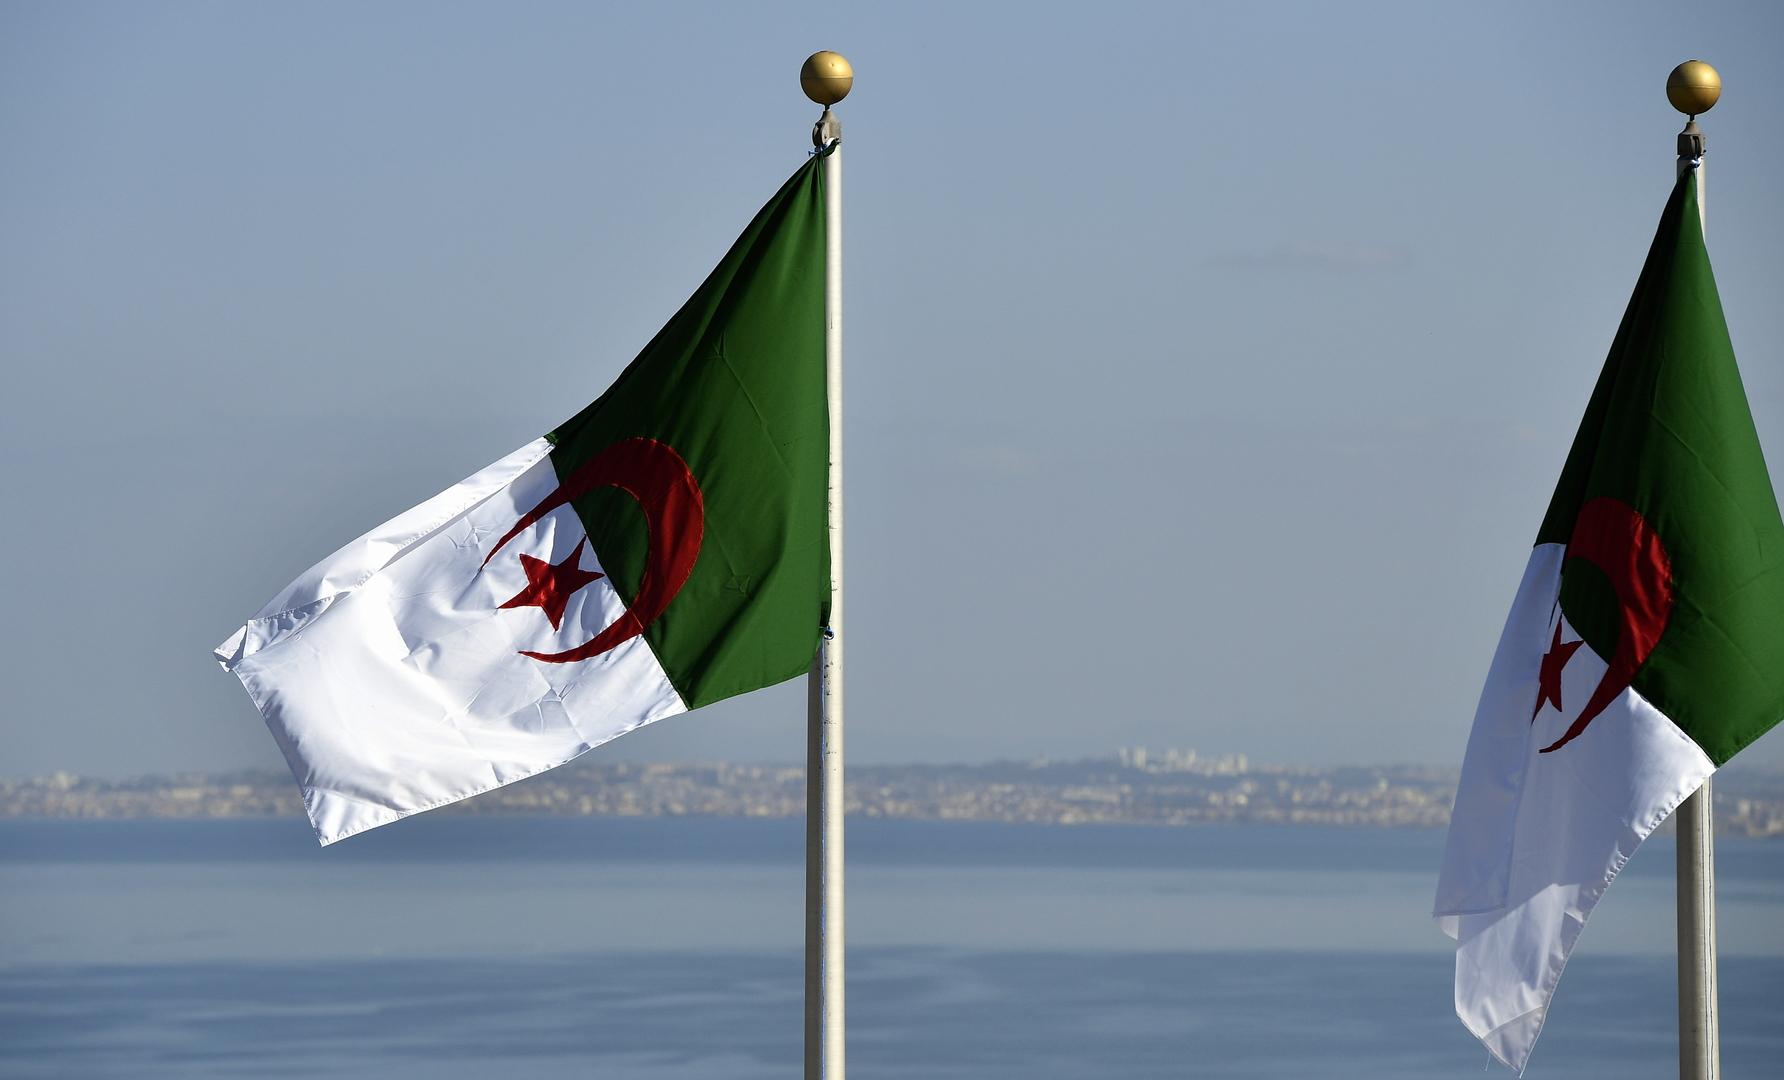 وزارة الاتصال الجزائرية: سنلاحق فرنسا حتى تعترف بجرائمها ضد أمتنا